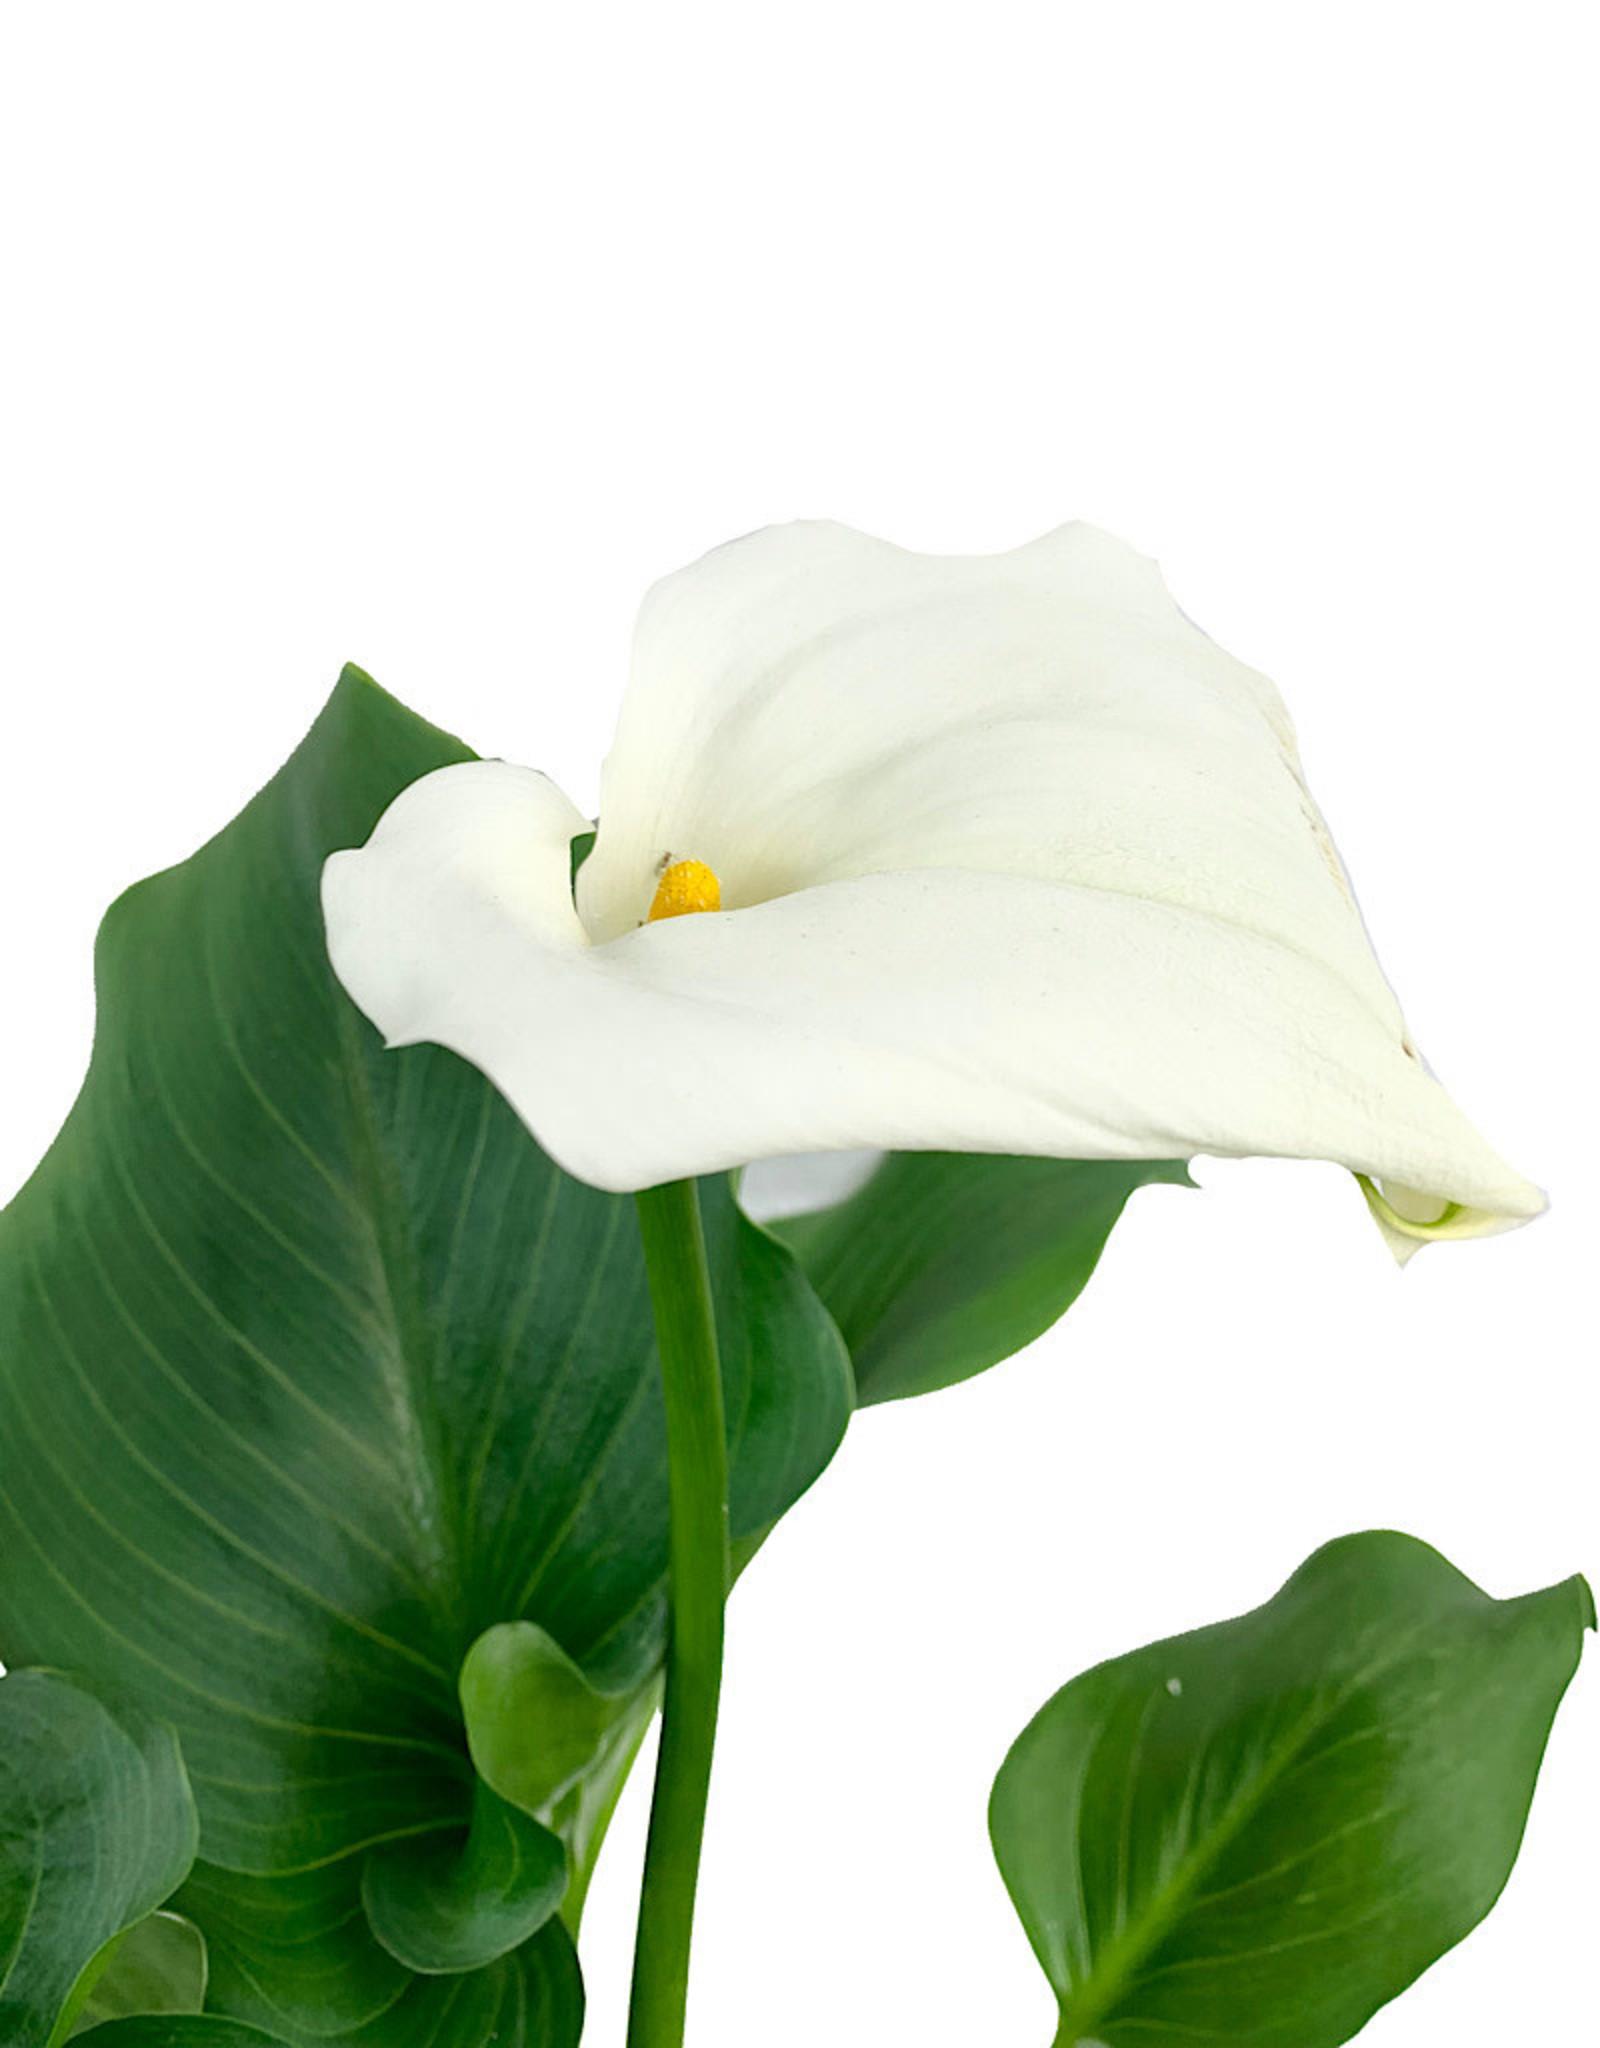 Zantendeschia a. 'White Giant' 1 Gallon